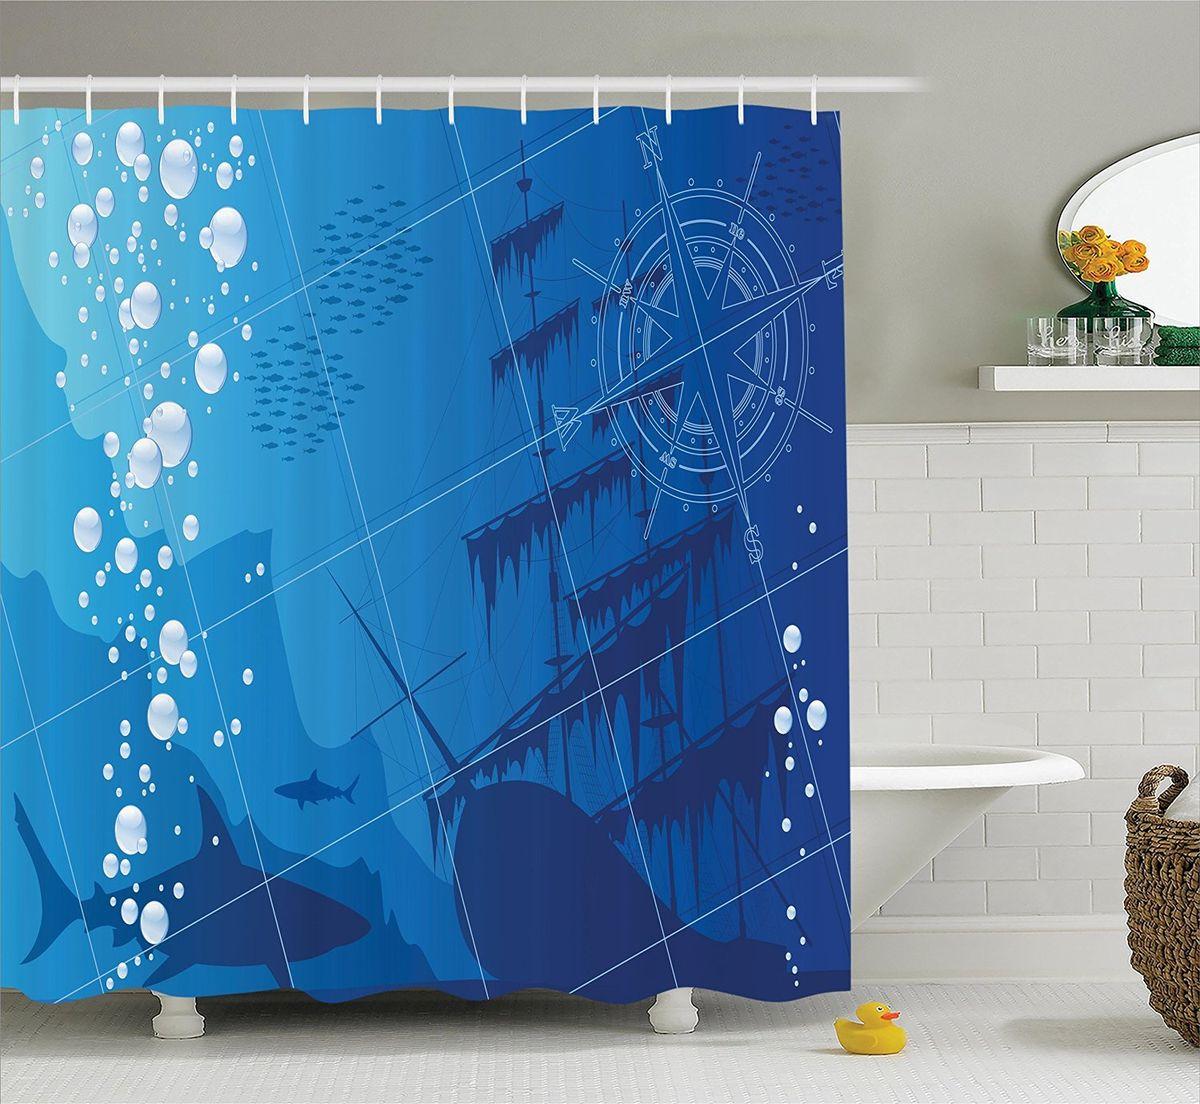 Штора для ванной комнаты Magic Lady Акулы у затонувшего корабля, 180 х 200 см96515412Штора Magic Lady Акулы у затонувшего корабля, изготовленная из высококачественного сатена (полиэстер 100%), отлично дополнит любой интерьер ванной комнаты. При изготовлении используются специальные гипоаллергенные чернила для прямой печати по ткани, безопасные для человека. В комплекте: 1 штора, 12 крючков. Обращаем ваше внимание, фактический цвет изделия может незначительно отличаться от представленного на фото.